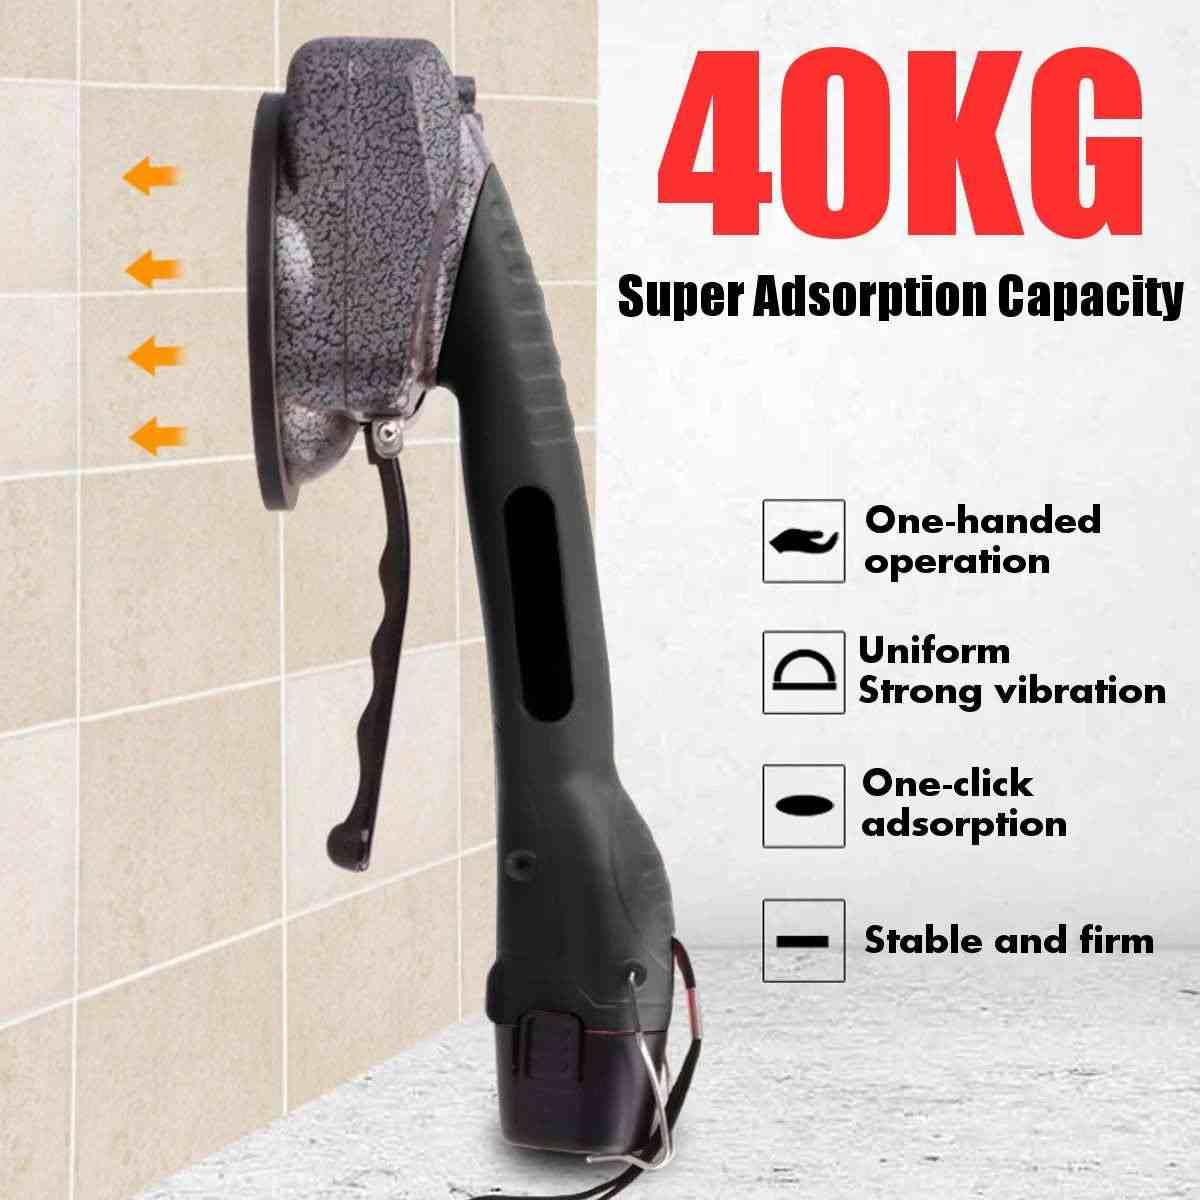 1000 ワット 2500mahタイルタイル機調節可能な吸引することができる 40 キロ床インストールツールタイル吸引床壁 + 1 バッテリー + バッグ